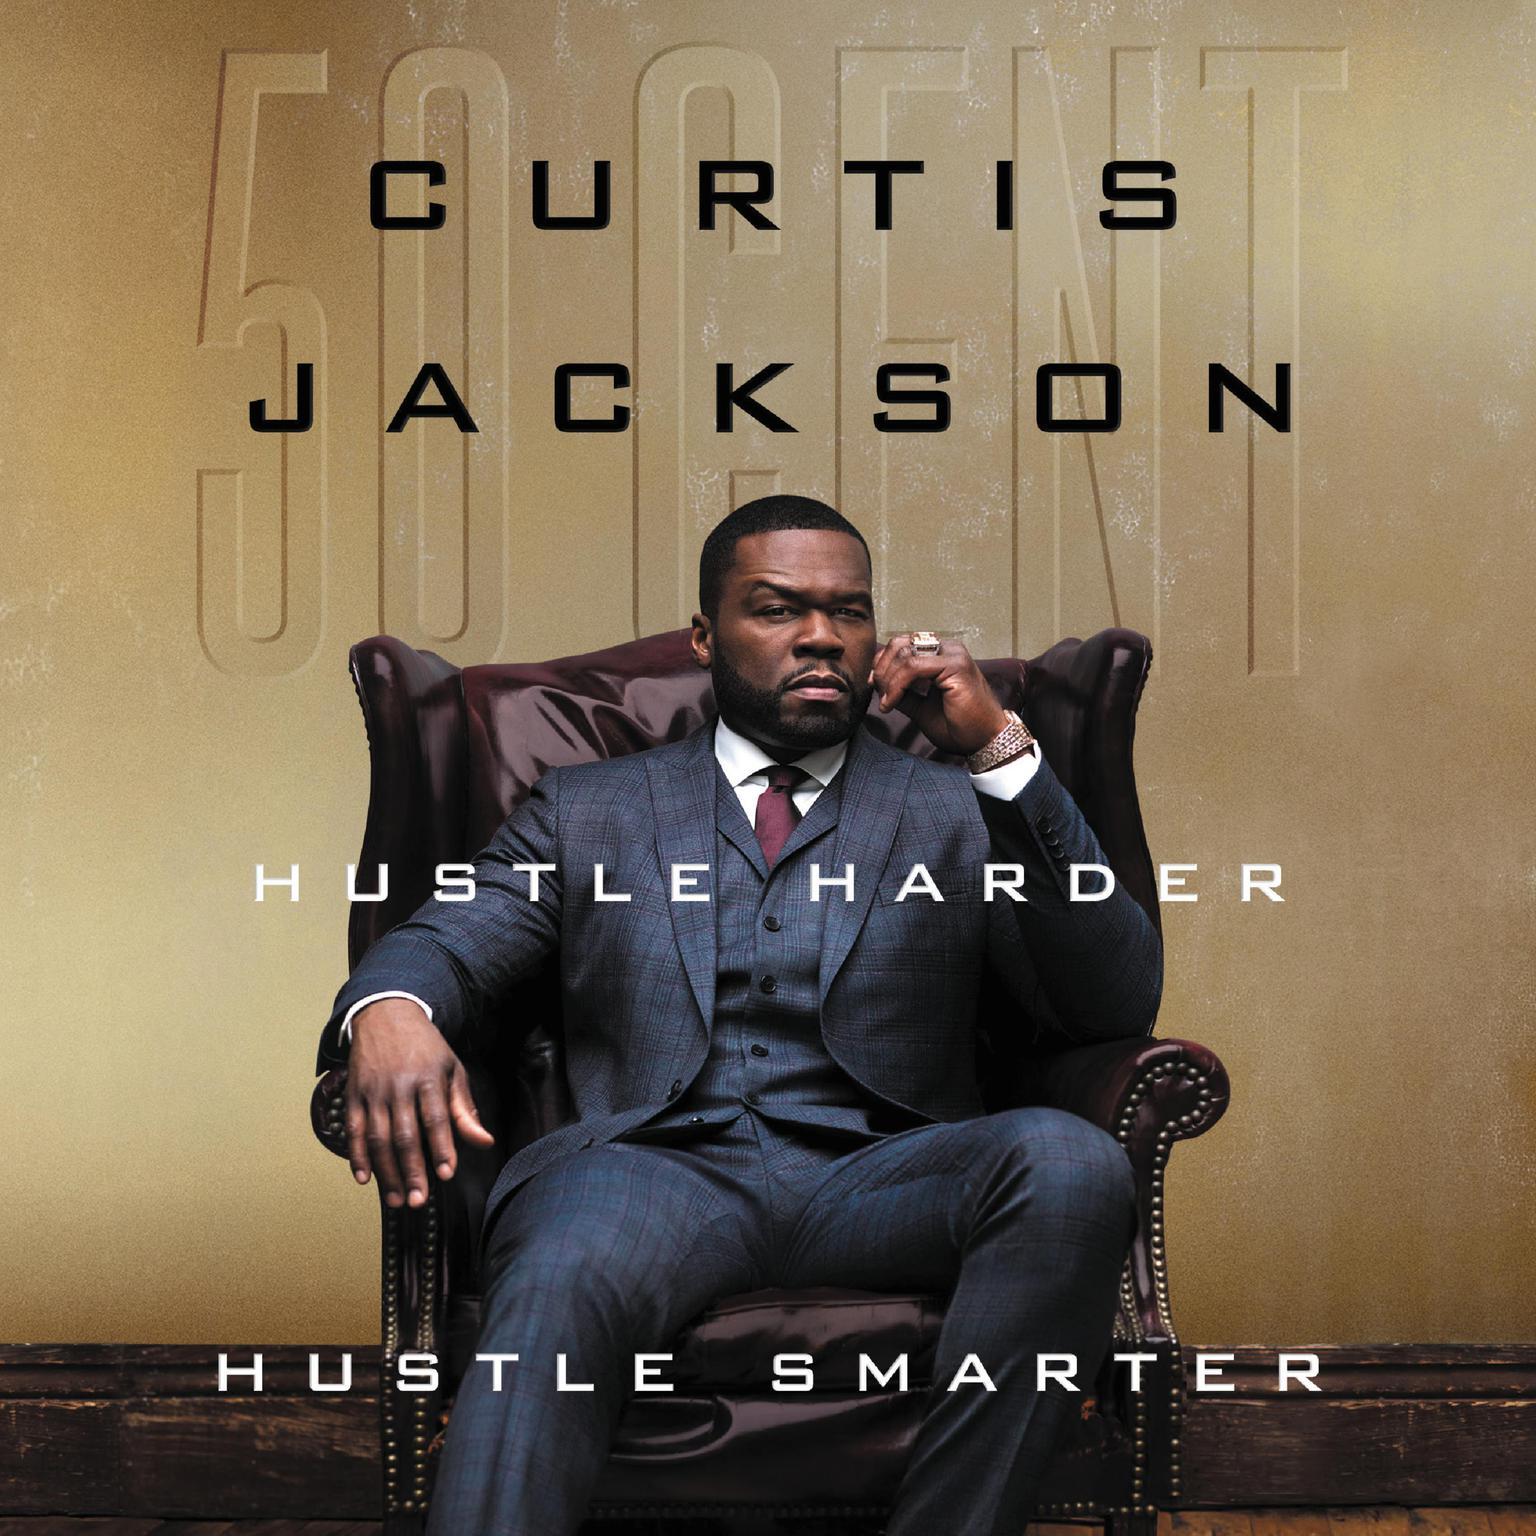 Printable Hustle Harder, Hustle Smarter: Untitled Audiobook Cover Art